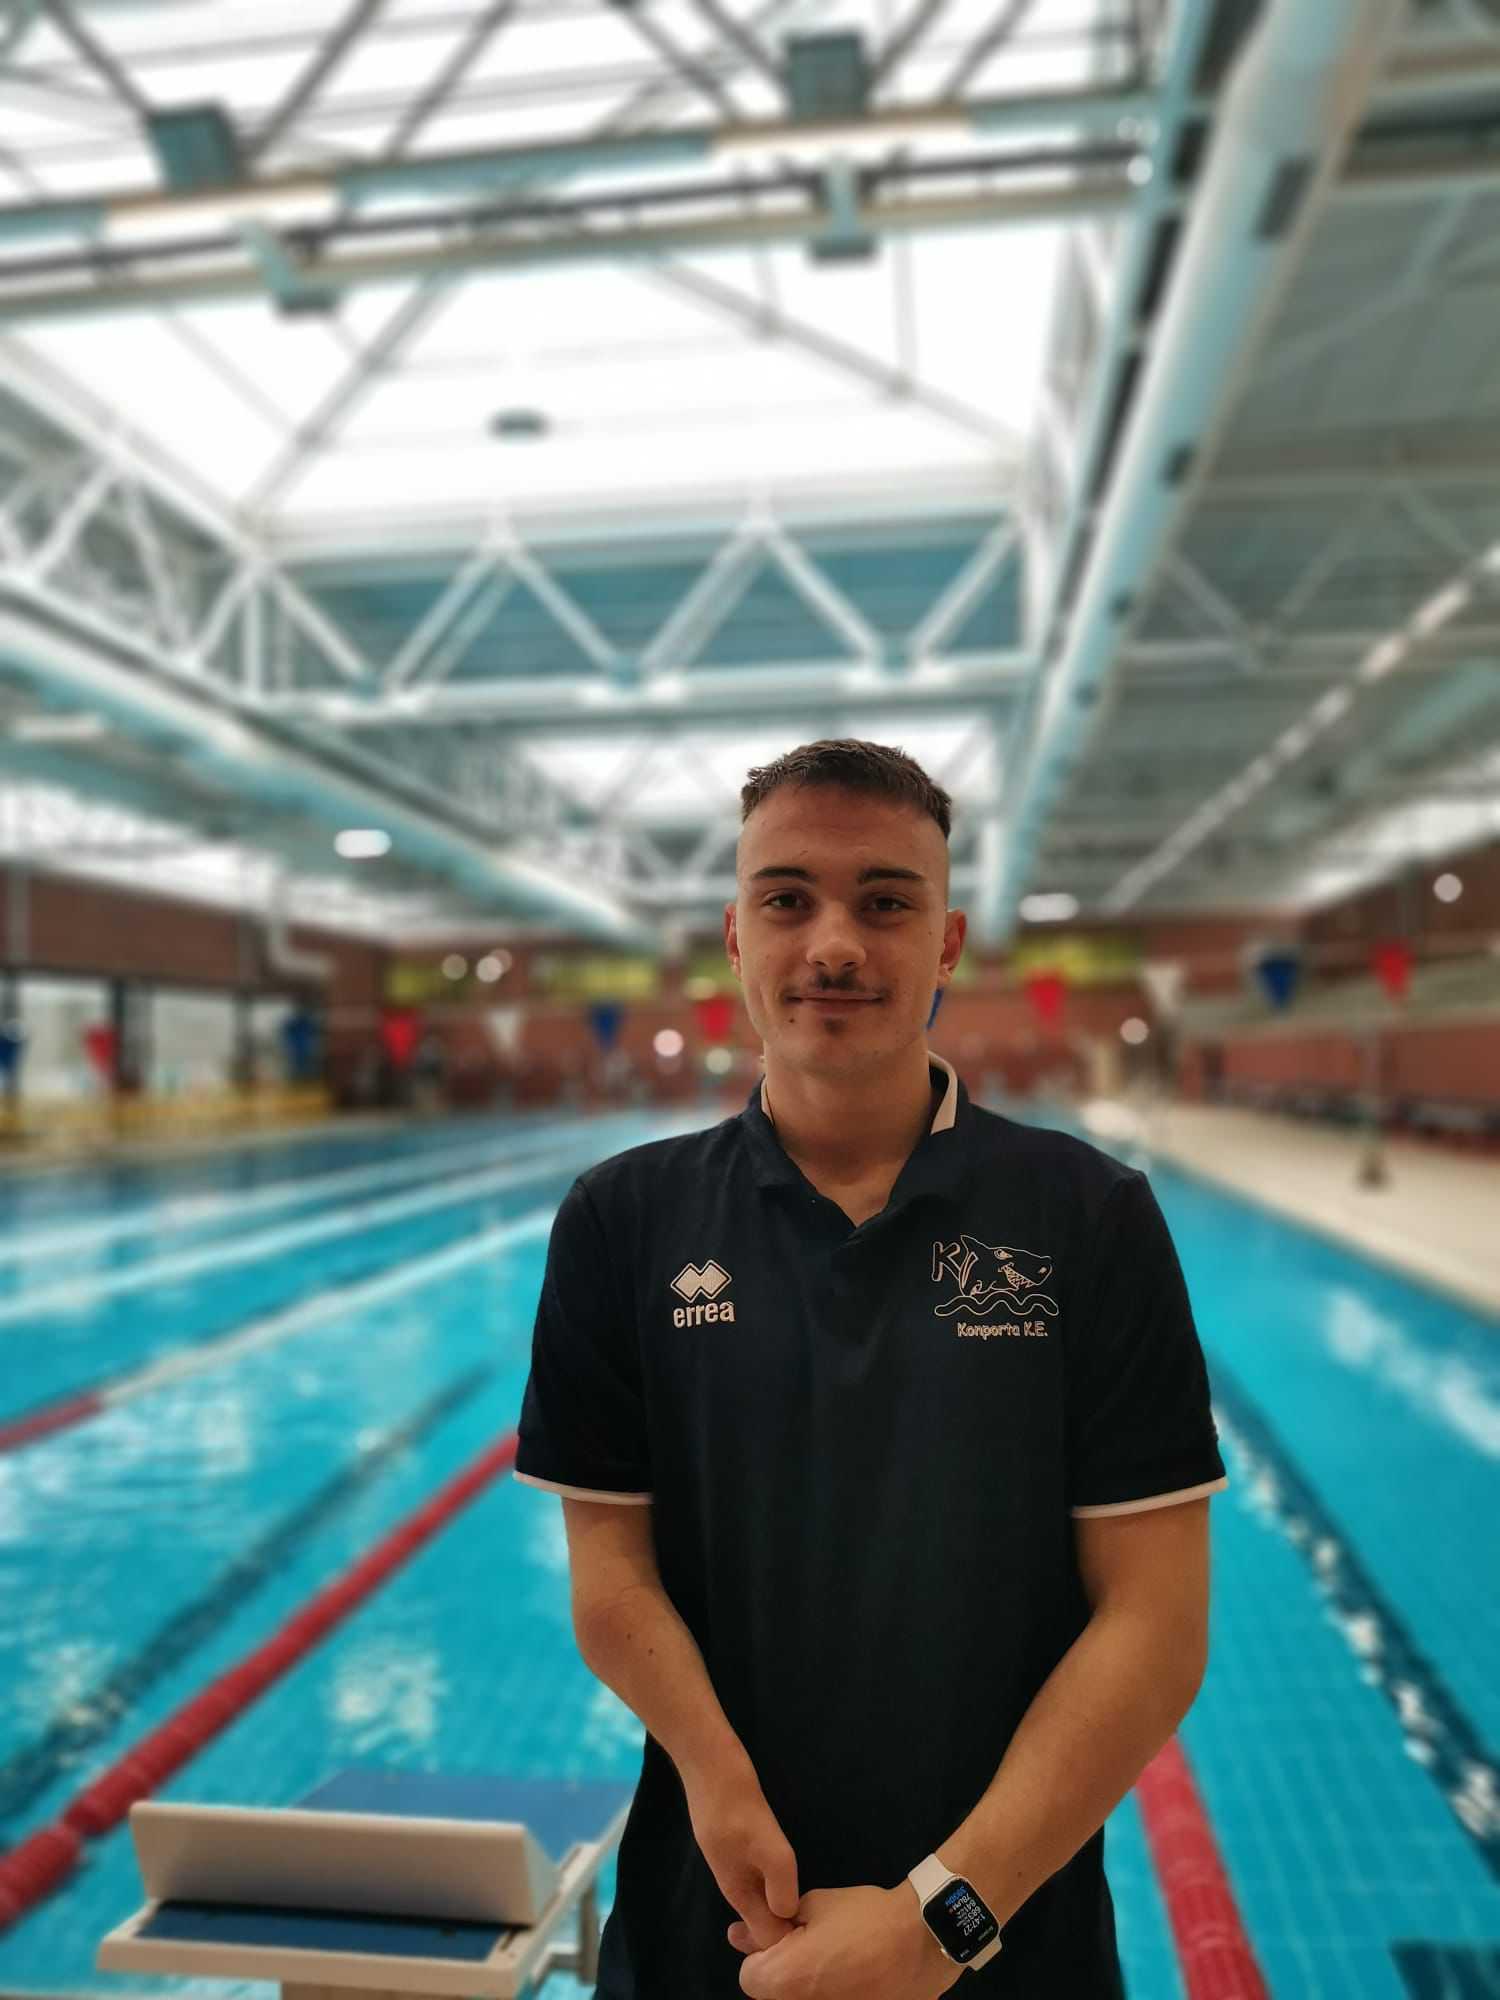 Iñigo Llopis participa en el 6th International Trophy Adapted Swimming - Gran Premi Diputació de Barcelona - Konporta